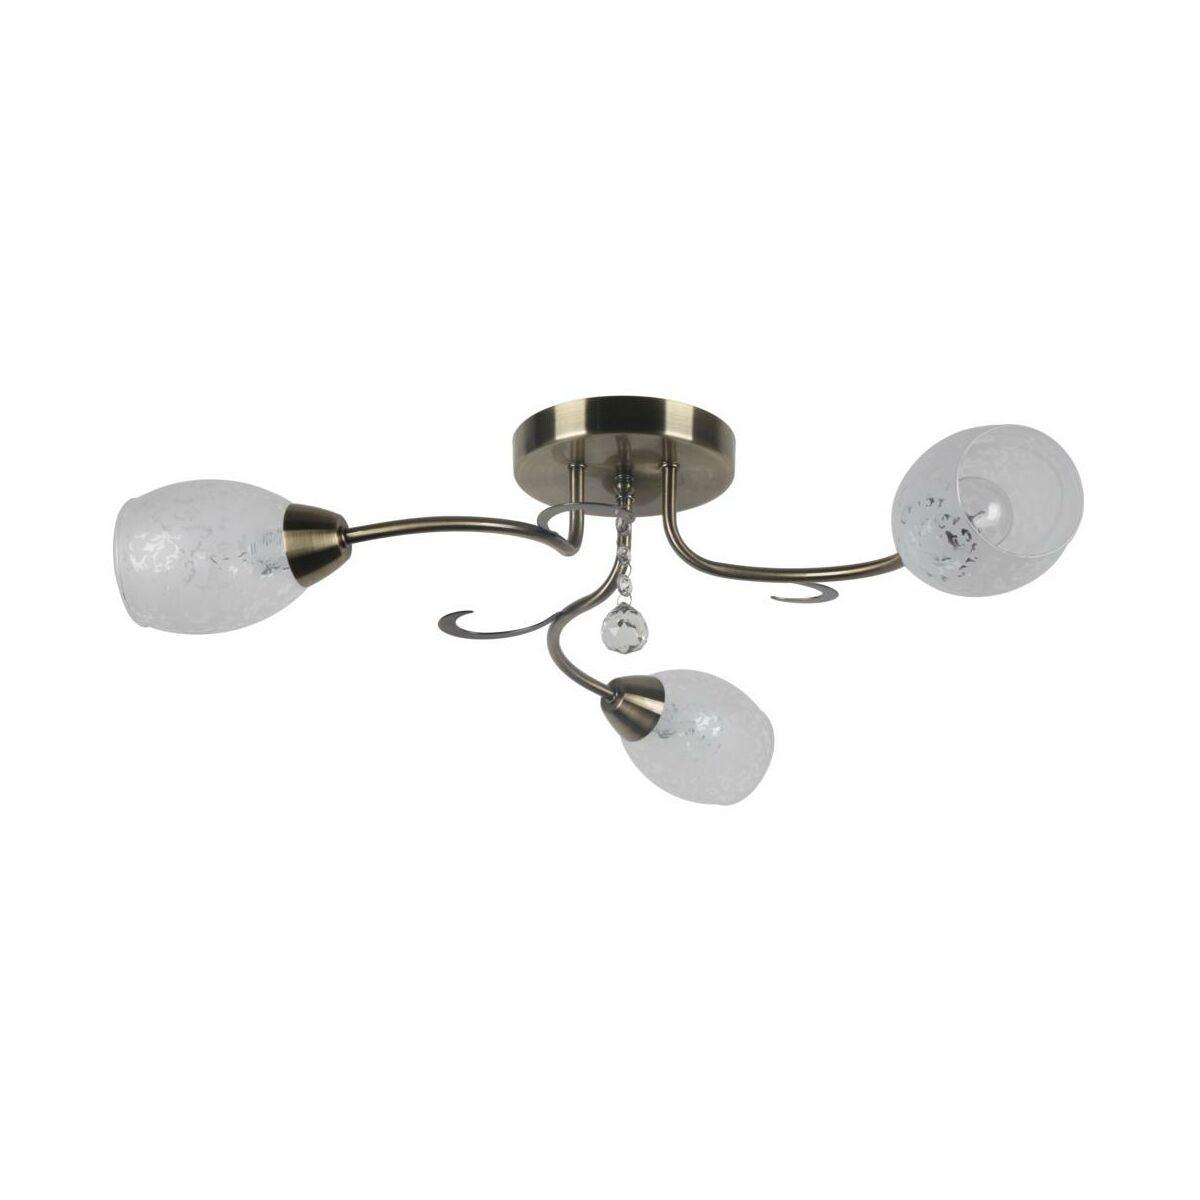 Zyrandol Crissy Patyna E14 Reality Zyrandole Lampy Wiszace I Sufitowe W Atrakcyjnej Cenie W Sklepach Leroy Merlin